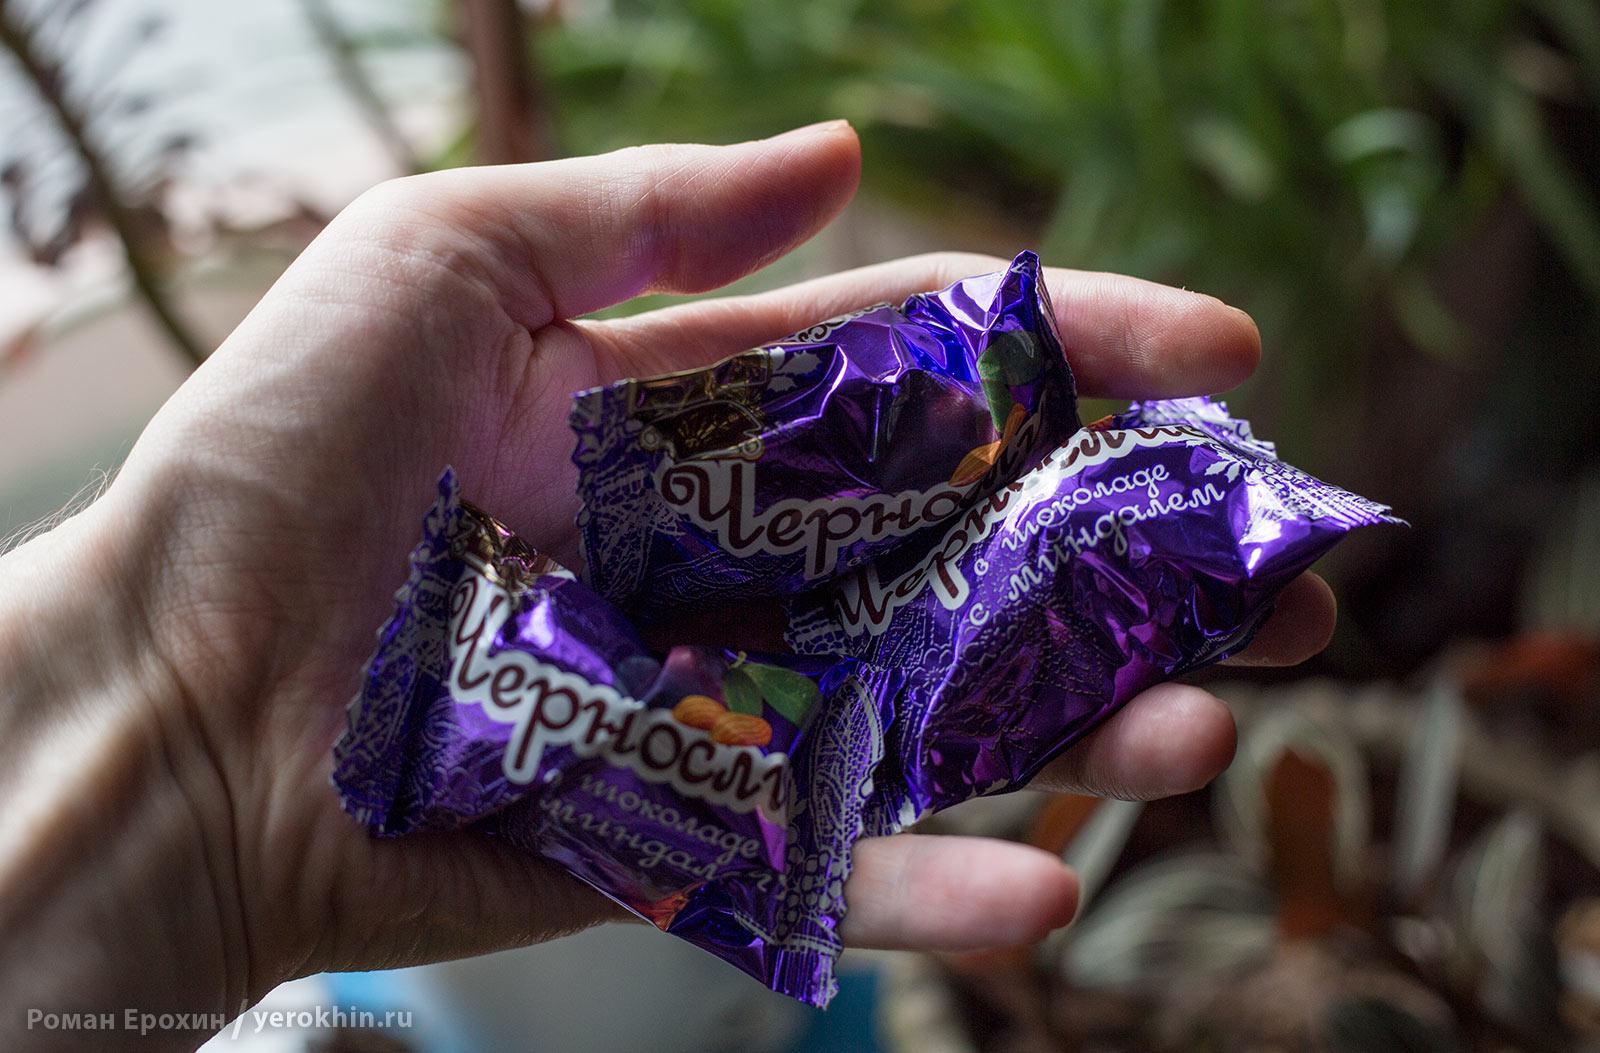 Конфеты несущие вред здоровью